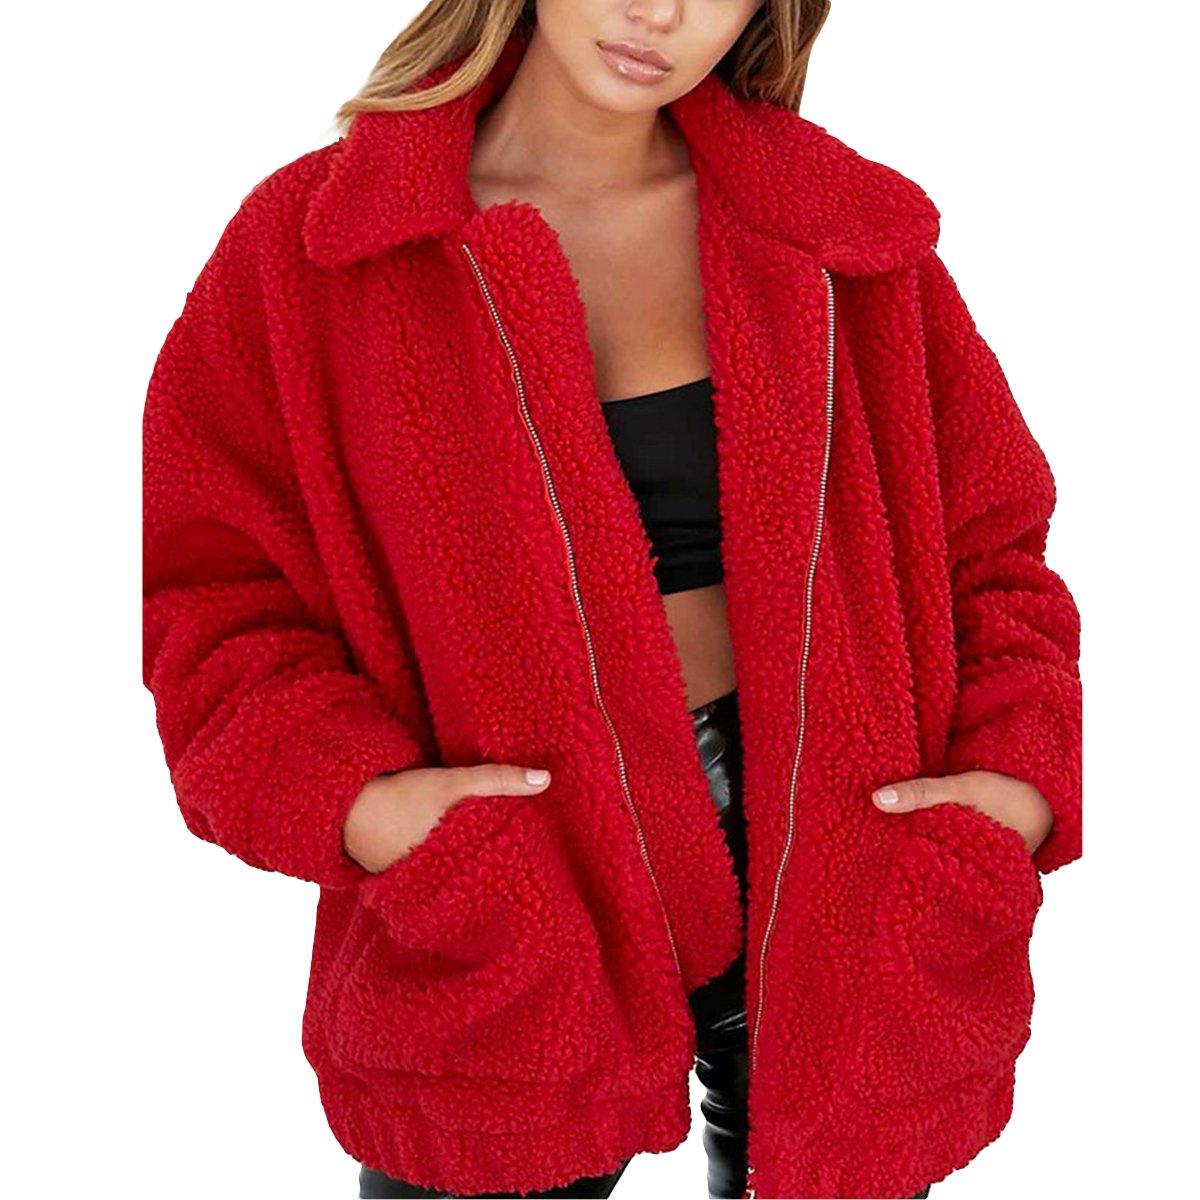 WENFUMEI Women Lapel Long Sleeve Winter Boyfriend Faux Coat Zipper Jacket